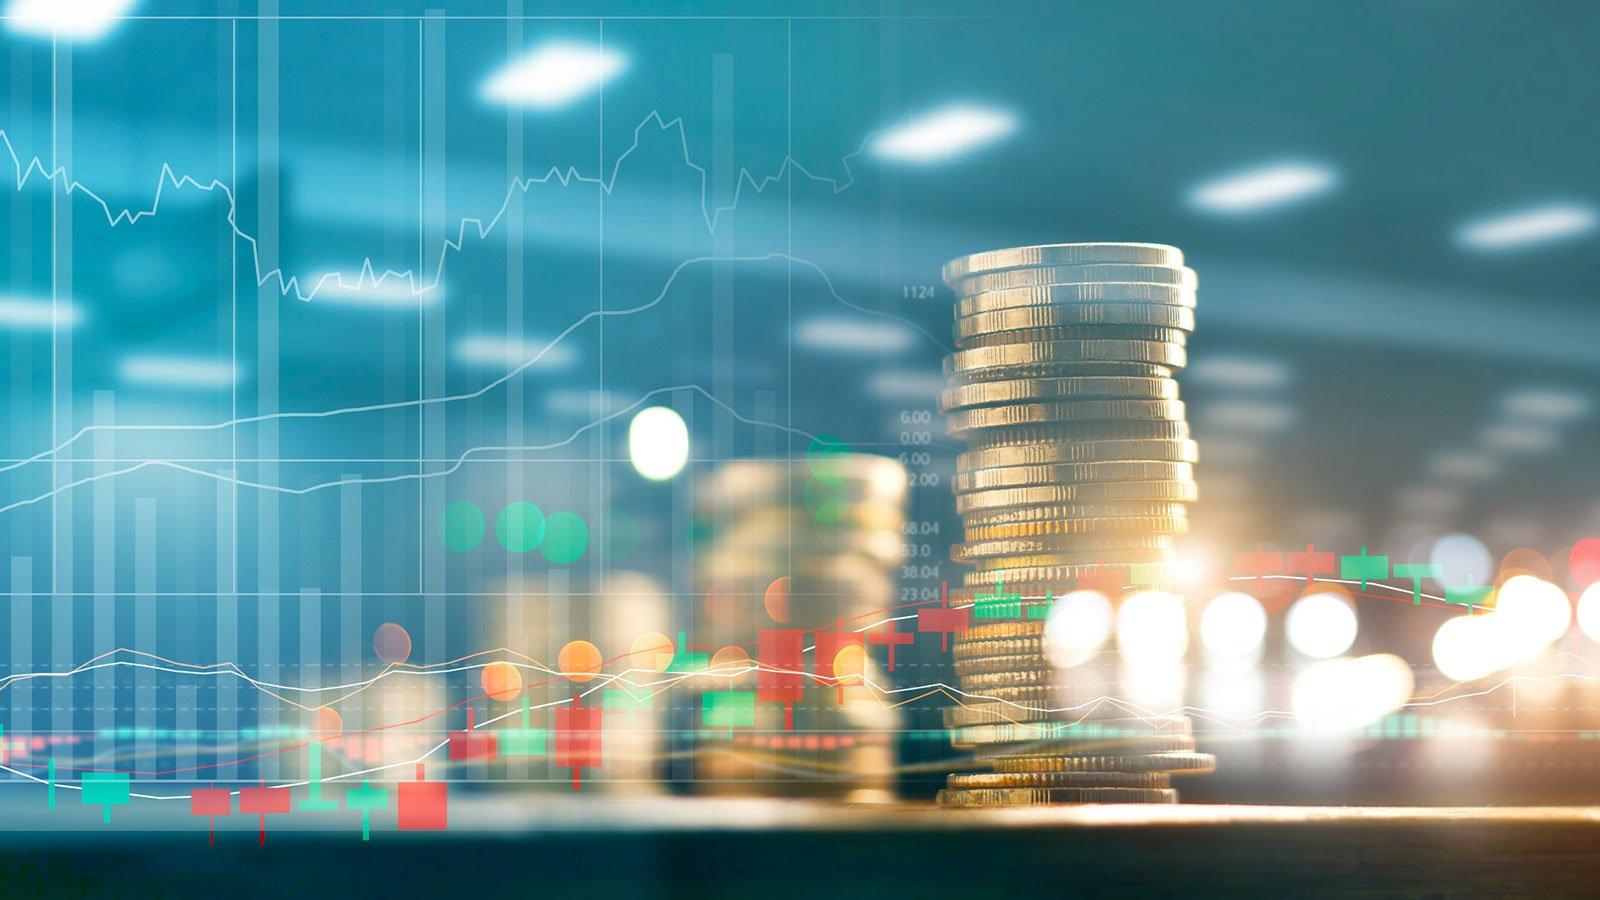 инвестиции в акции в условиях коронавируса